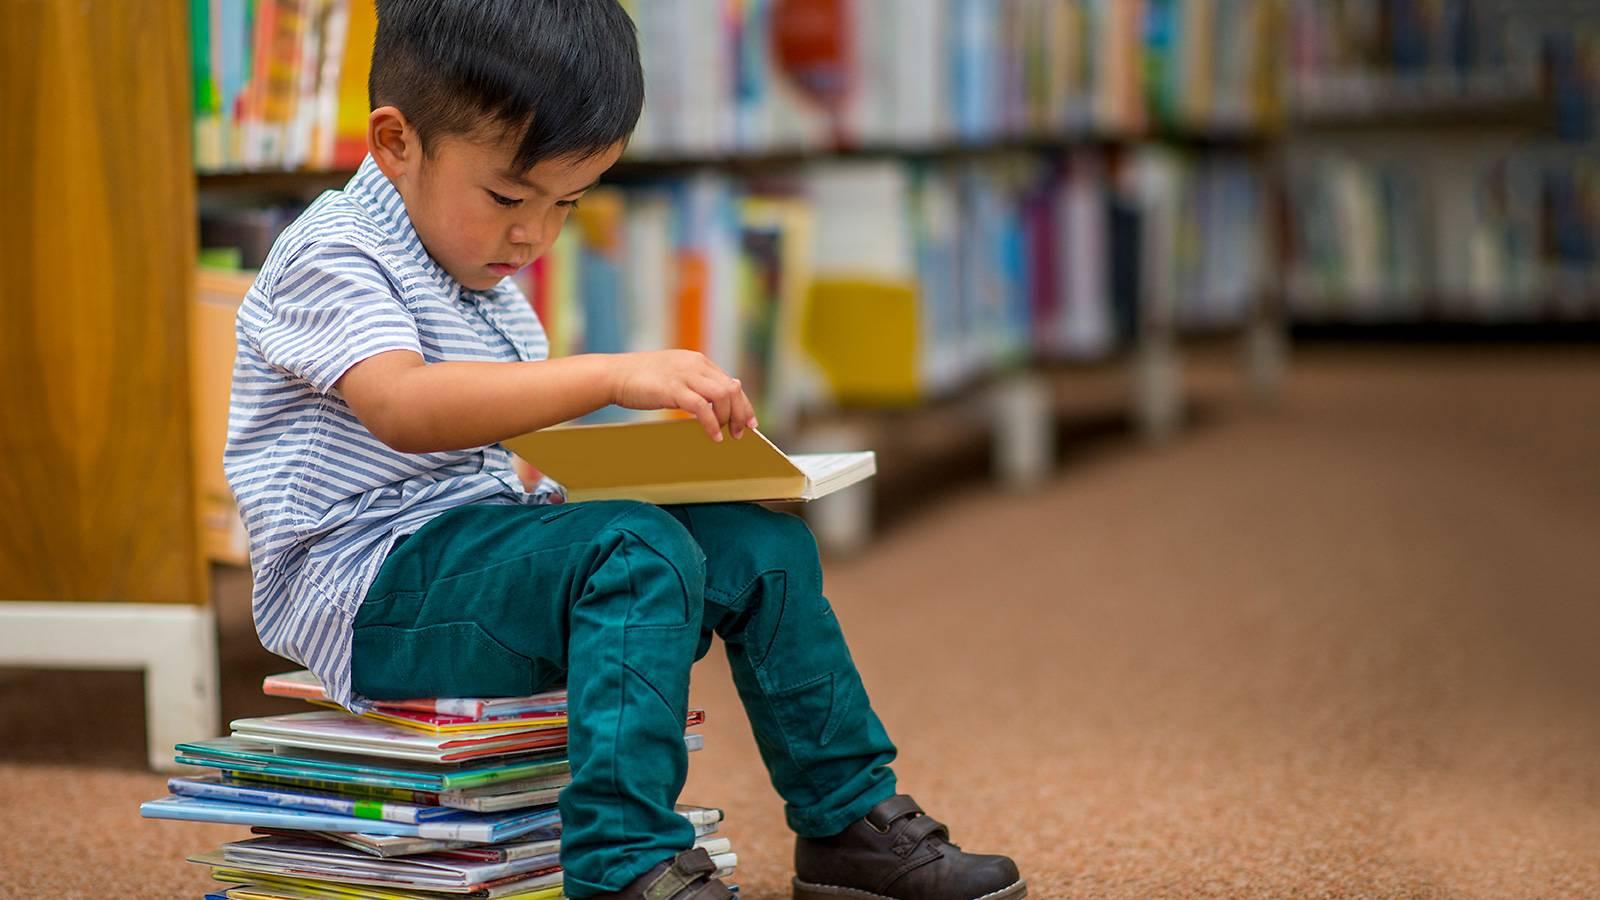 Cần cân nhắc một số yếu tố trước khi lựa chọn các chương trình học tiếng Anh cho bé